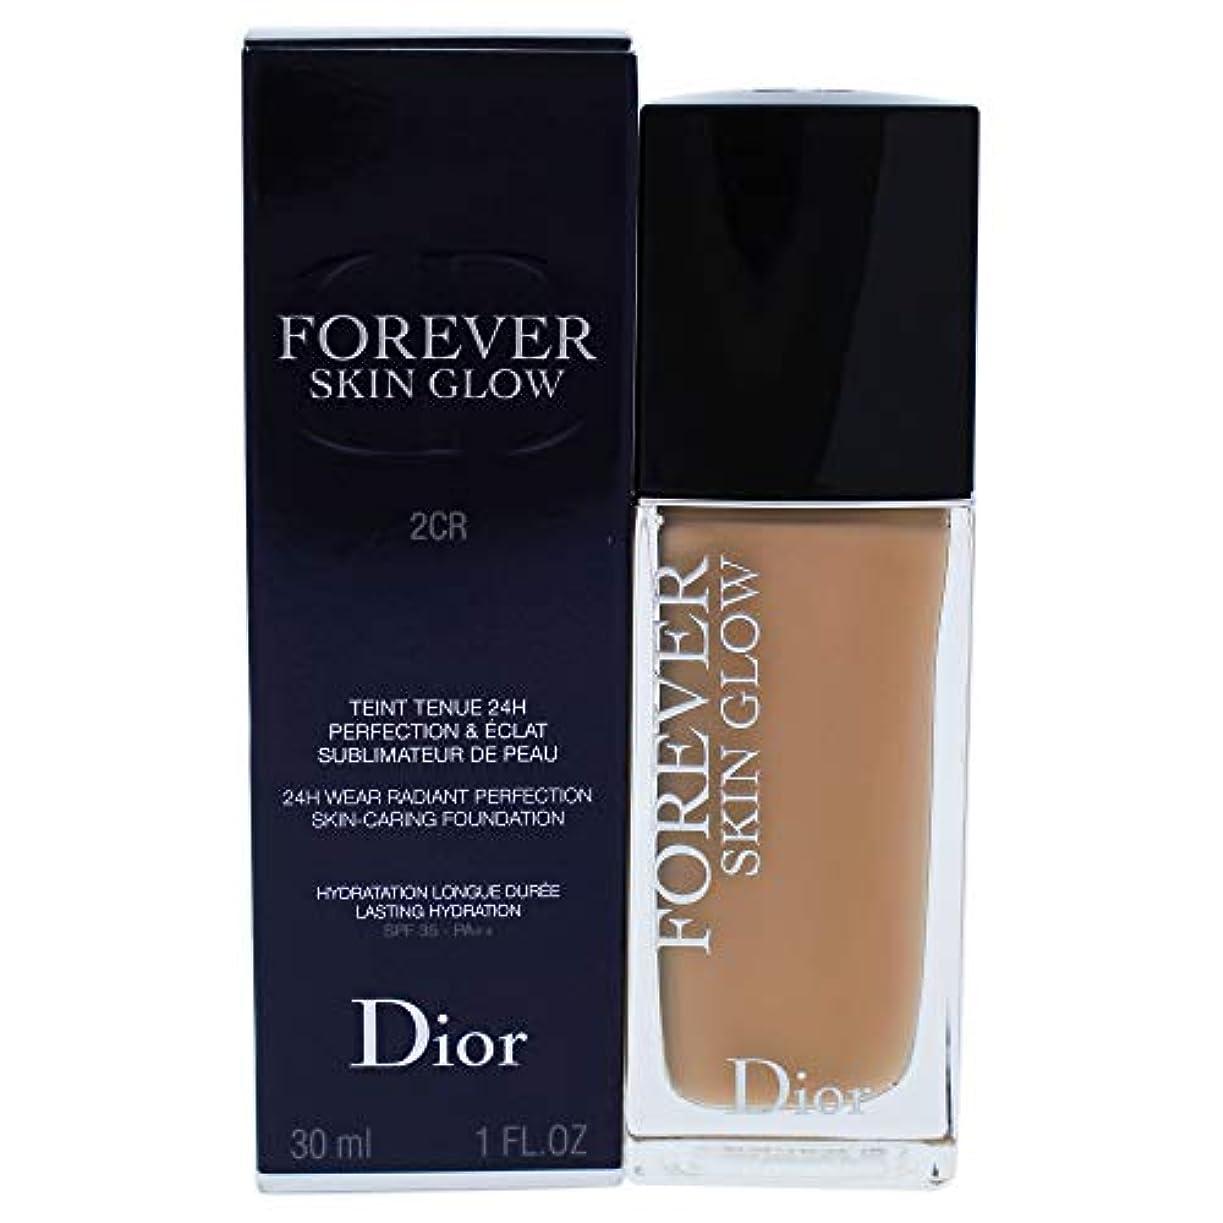 率直な補償ソートクリスチャンディオール Dior Forever Skin Glow 24H Wear High Perfection Foundation SPF 35 - # 2CR (Cool Rosy) 30ml/1oz並行輸入品